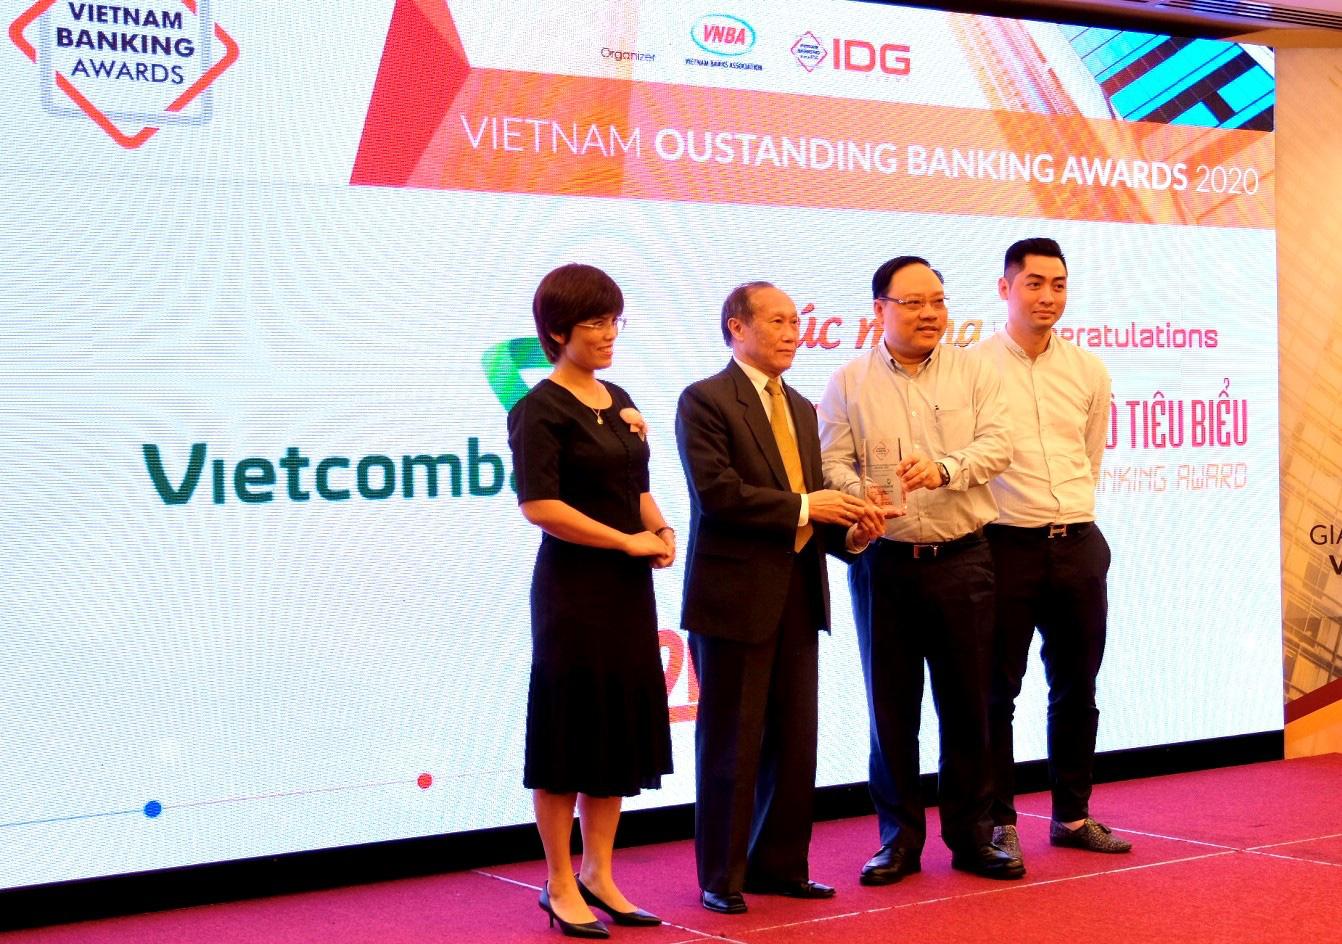 Vietcombank được vinh danh là Ngân hàng chuyển đổi số tiêu biểu năm 2020 - Ảnh 1.